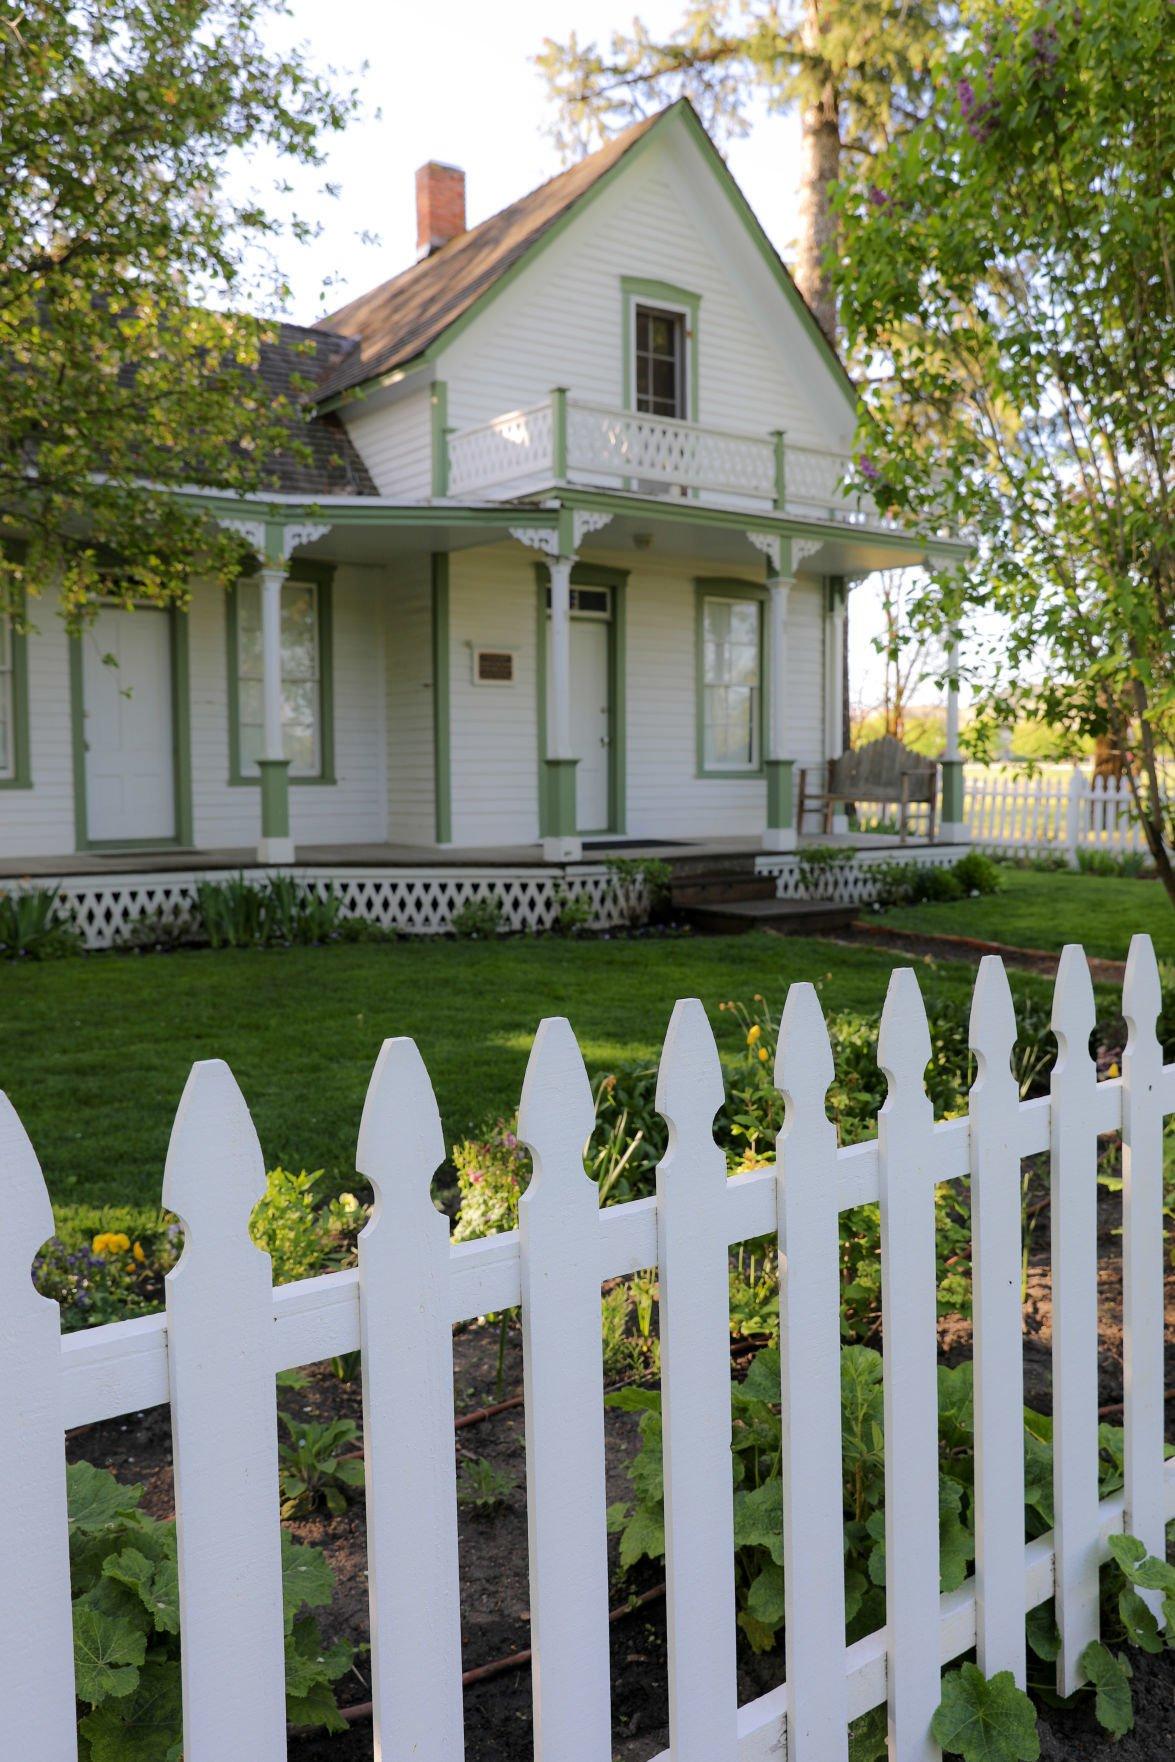 f farmhouse and fence.jpg